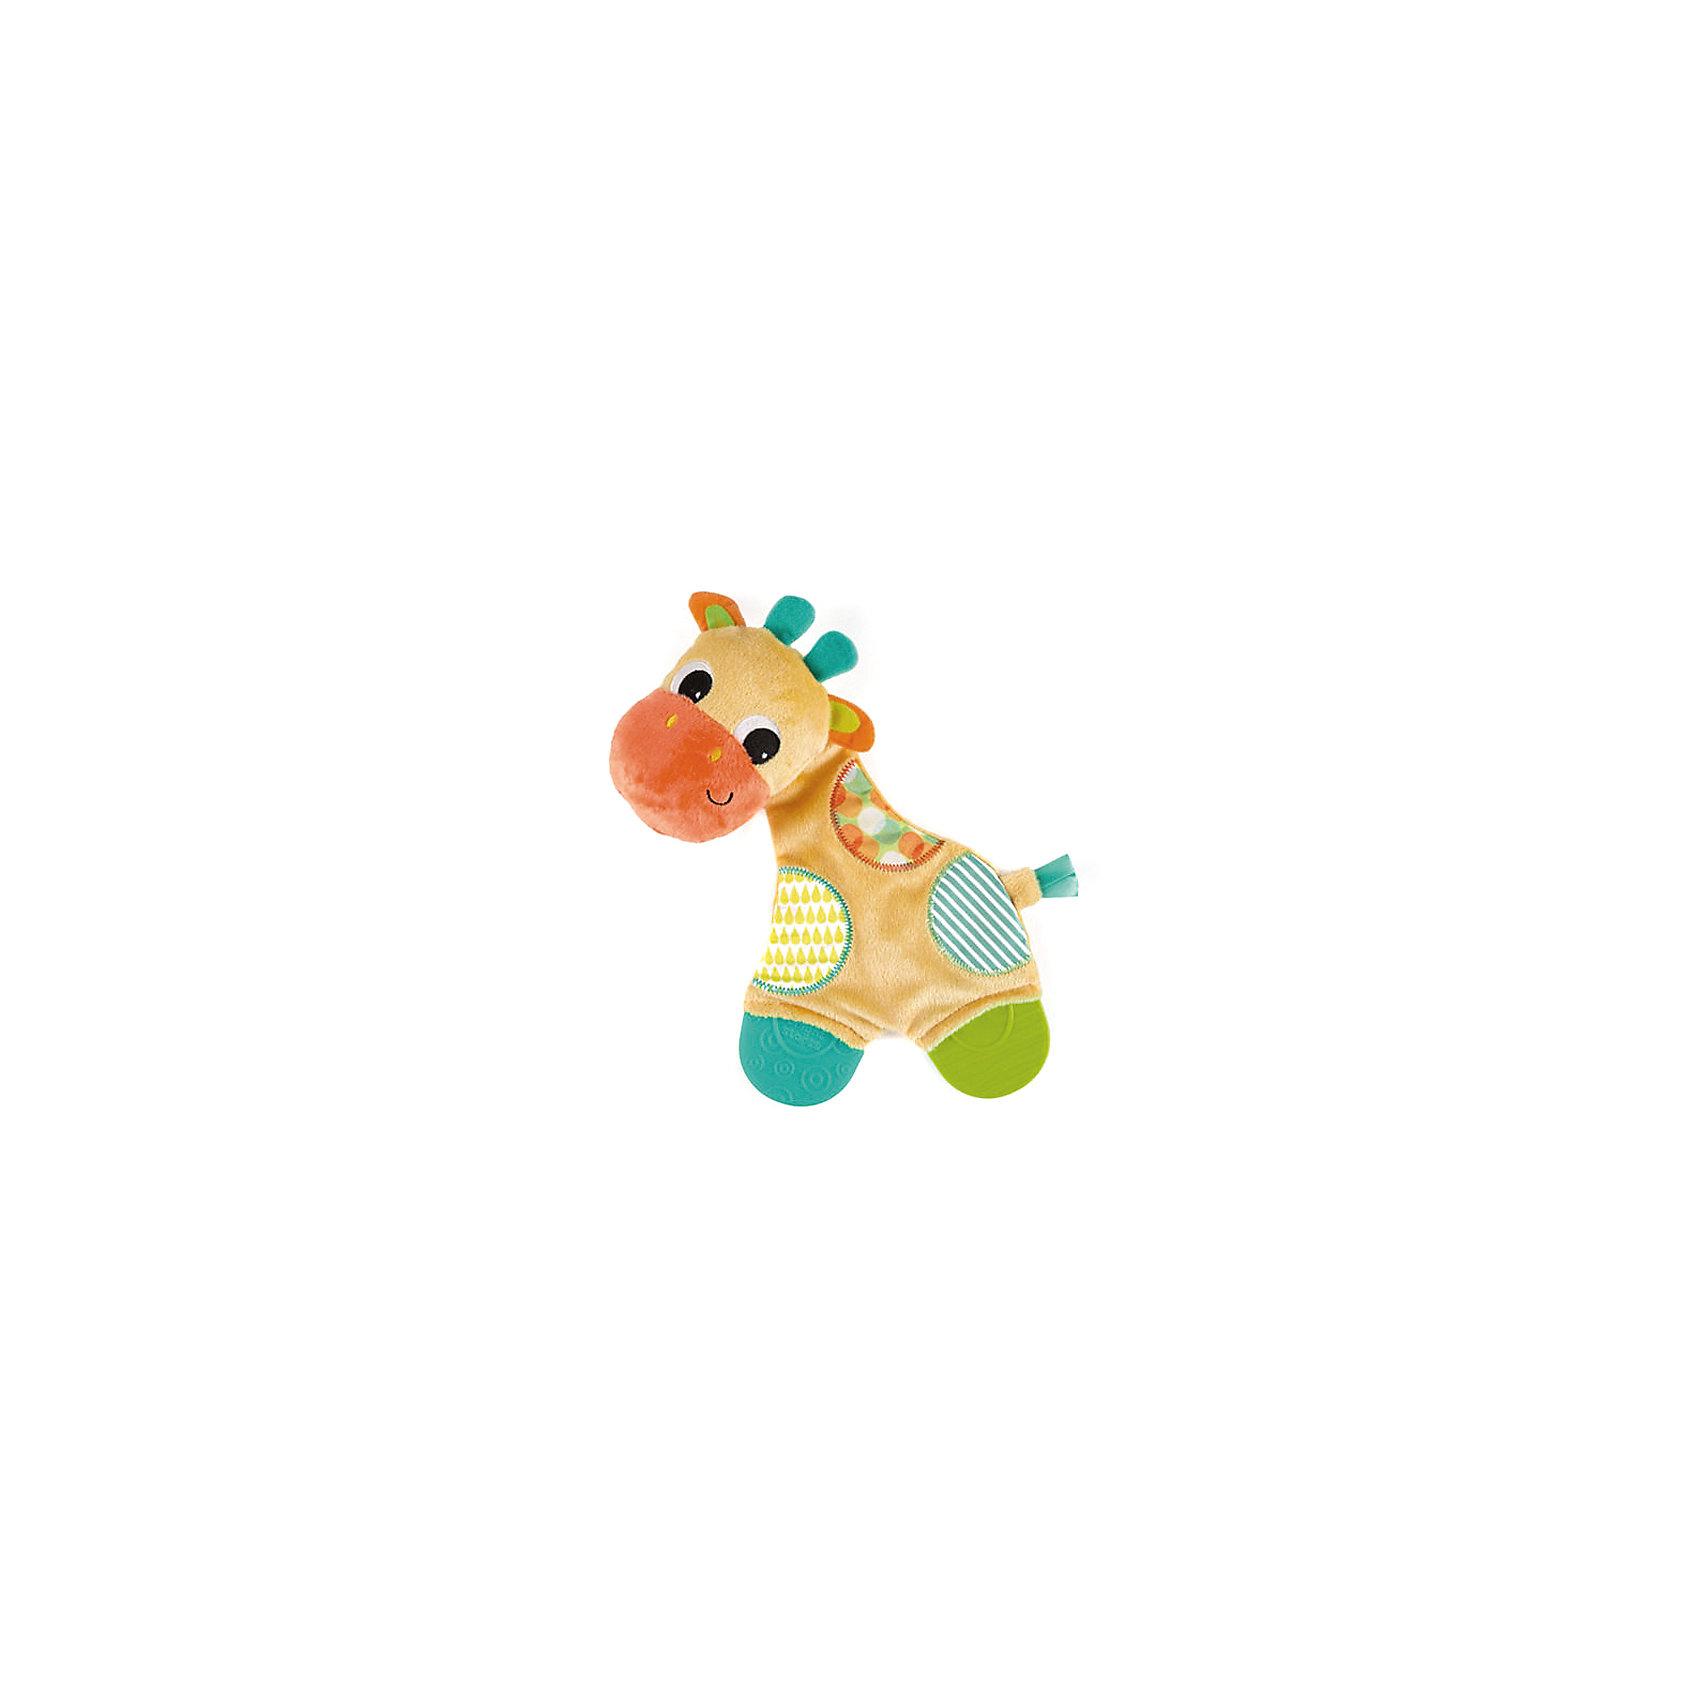 Игрушка «Самый мягкий друг» с прорезывателями, Жираф, Bright StartsПрорезыватели<br>Игрушка «Самый мягкий друг» с прорезывателями, Жираф от знаменитого американского бренда Bright Starts (Брайт стартс). Яркая и веселая плюшевая игрушка в виде жирафа изготовлена из разного типа текстур и делает игру малыша еще интереснее! Игрушка также является и погремушкой и издает приятный звон, тельце жирафика издает шуршание, разные на ощупь текстуры ткани и яркие цвета направлены на развитие умственной деятельности. Игрушка поможет развить звуковое, цветовое и тактильное восприятие ребенка. Кроме того, у нее имееются прорезыватели для зубок из специального рельефного материала. <br>- Дополнительная информация:<br>- Материал: пластик, текстиль, резина<br>- Размер 15 * 5 * 25 см.<br><br>Игрушку «Самый мягкий друг» с прорезывателями, Жираф, Bright Starts можно купить в нашем интернет-магазине.<br><br>Подробнее:<br>• Для детей в возрасте: от 0 месяцев до 1 года<br>• Номер товара: 4918363<br><br>Ширина мм: 170<br>Глубина мм: 280<br>Высота мм: 70<br>Вес г: 98<br>Возраст от месяцев: 0<br>Возраст до месяцев: 12<br>Пол: Унисекс<br>Возраст: Детский<br>SKU: 4918363